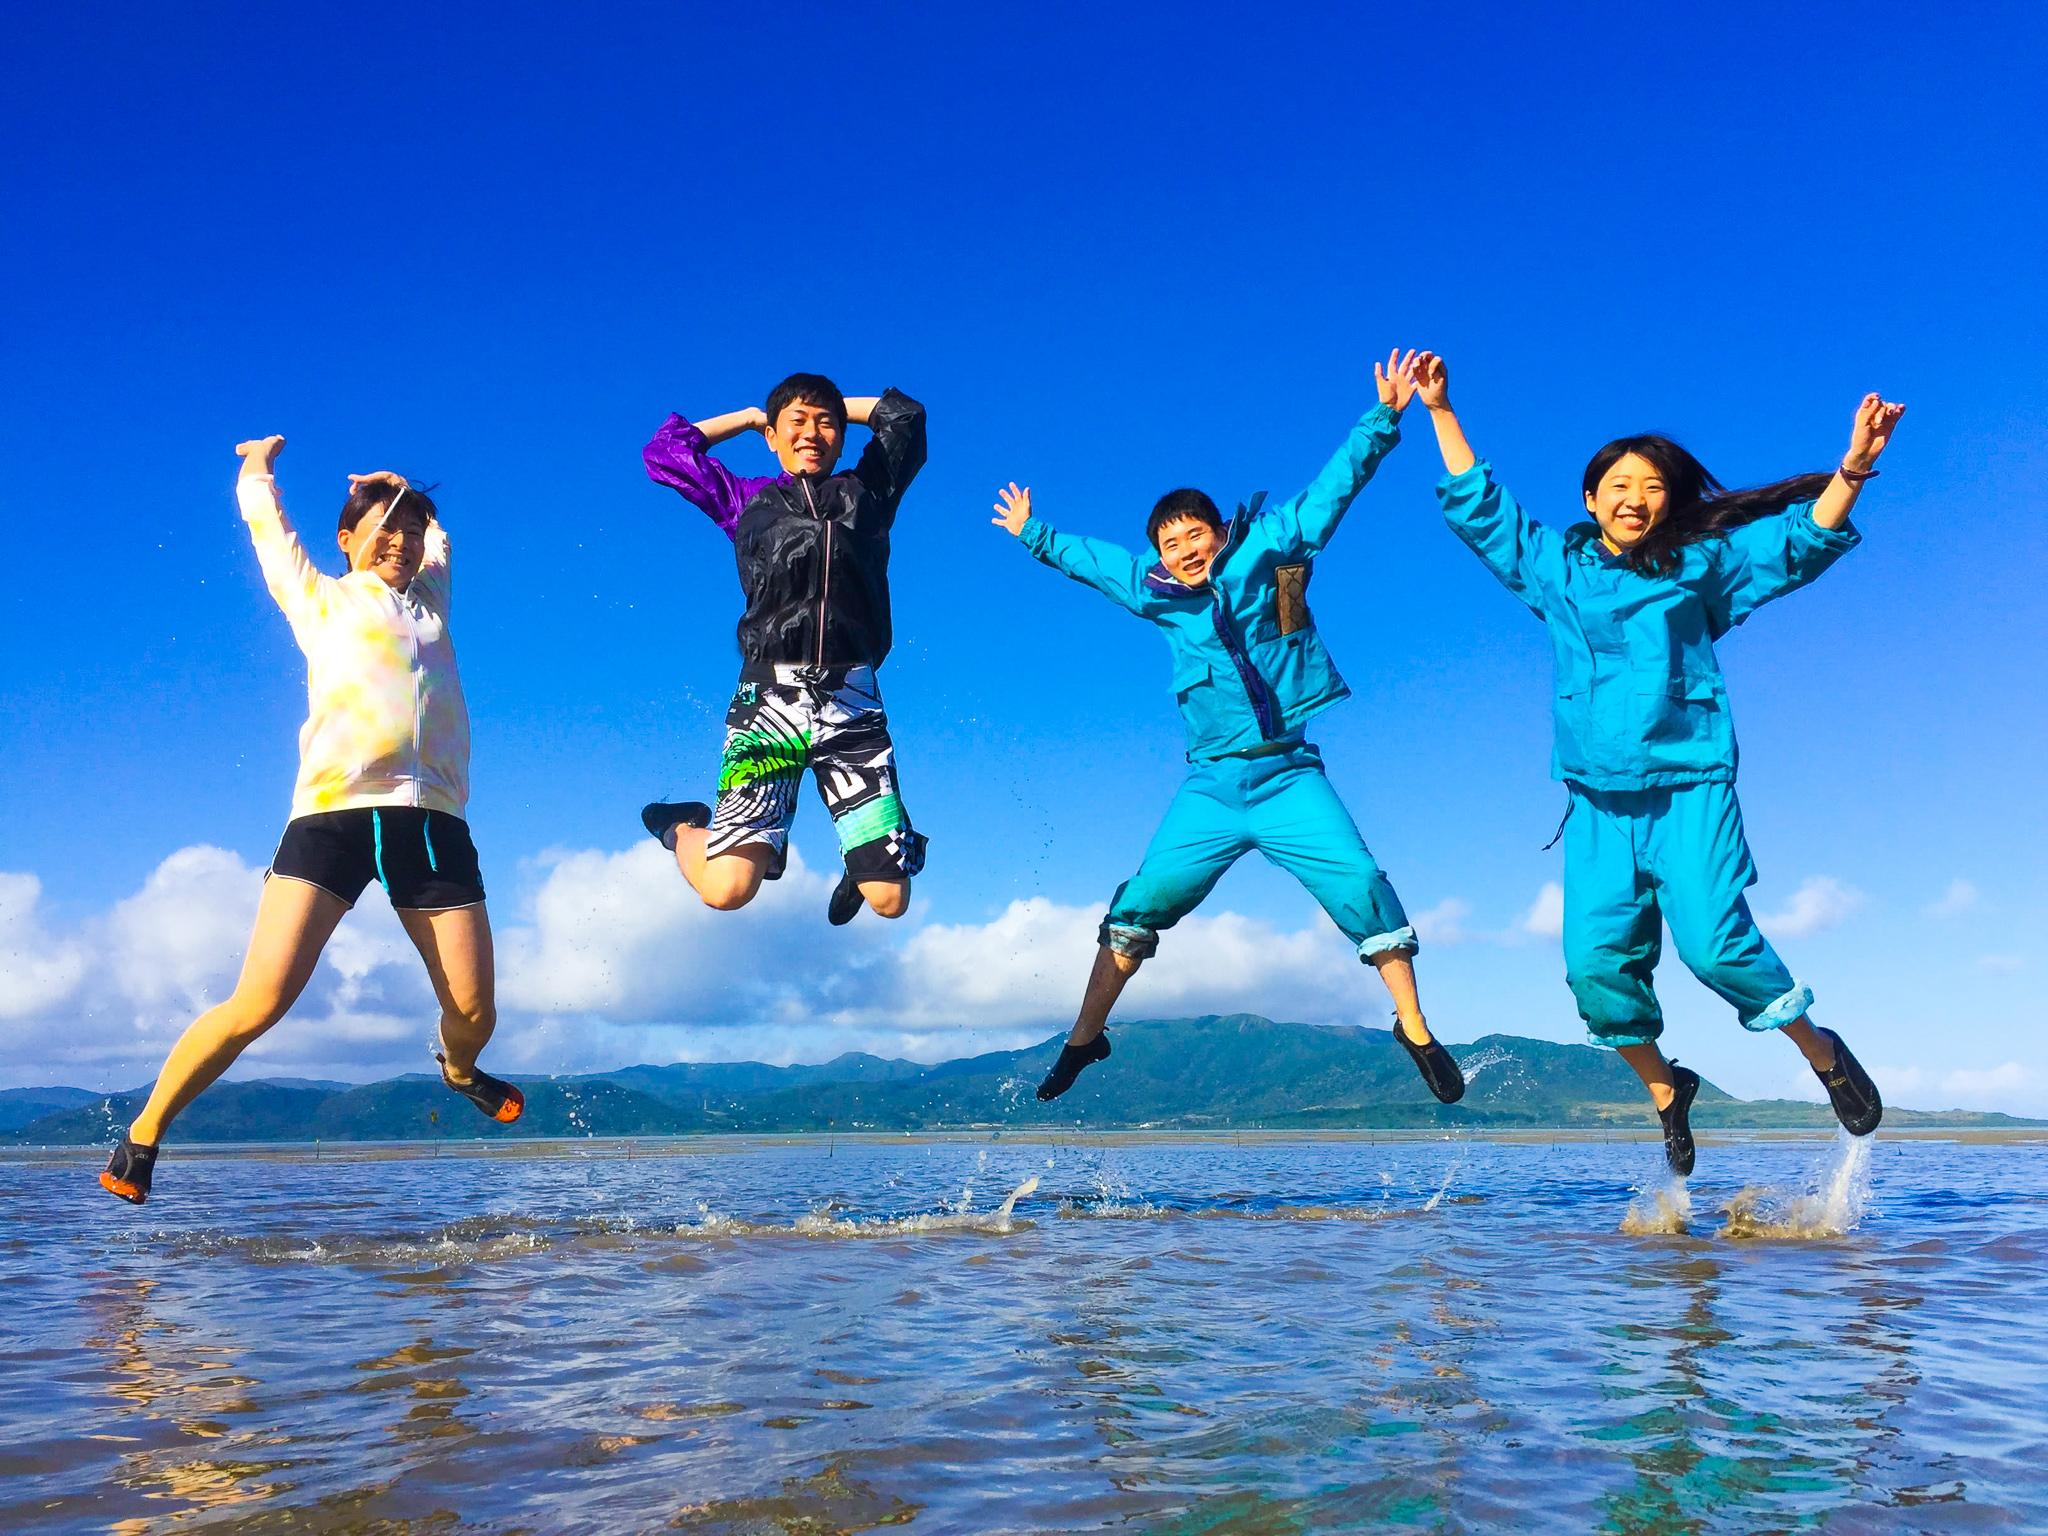 小浜島のビーチでジャンプ